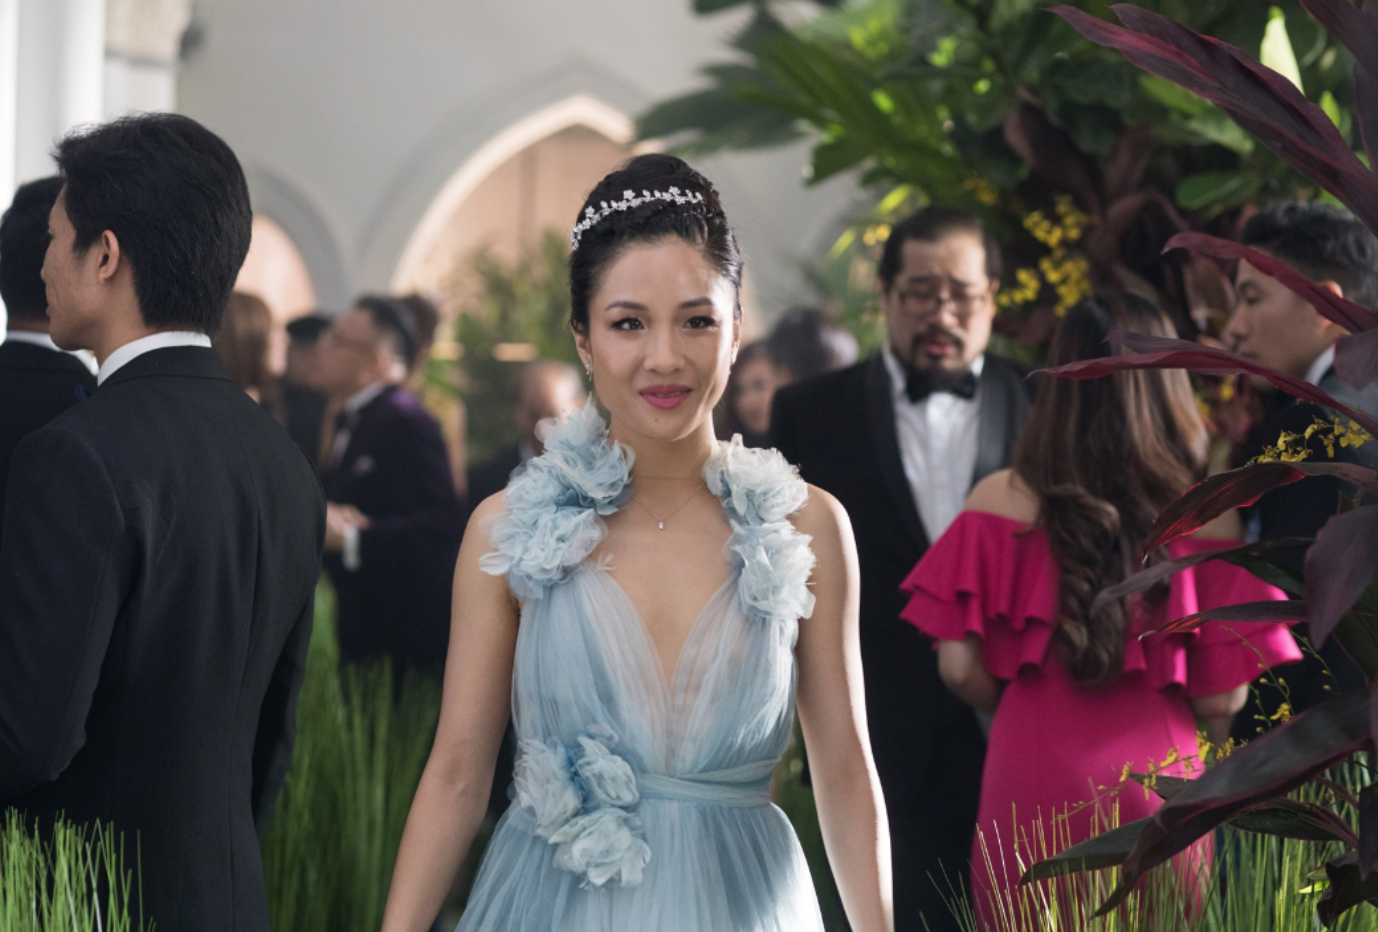 'Crazy Rich Asians' Rejects Netflix Distribution Deal